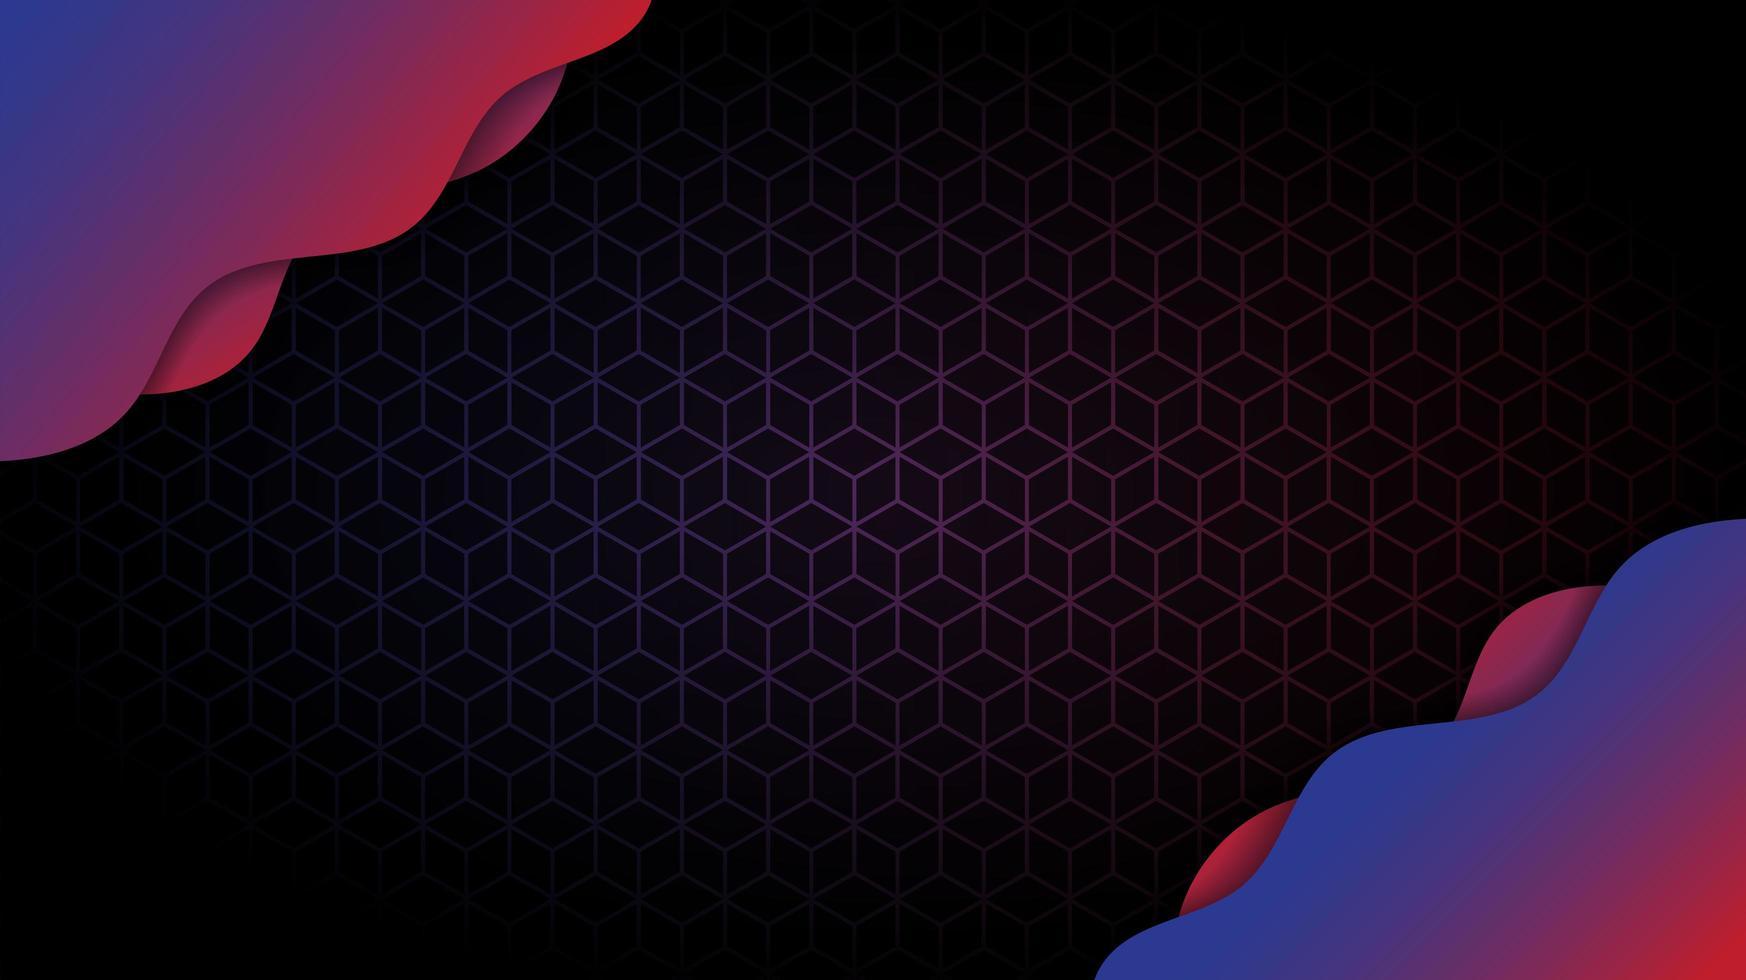 disegno di gradiente di sfondo astratto con geometrico vettore